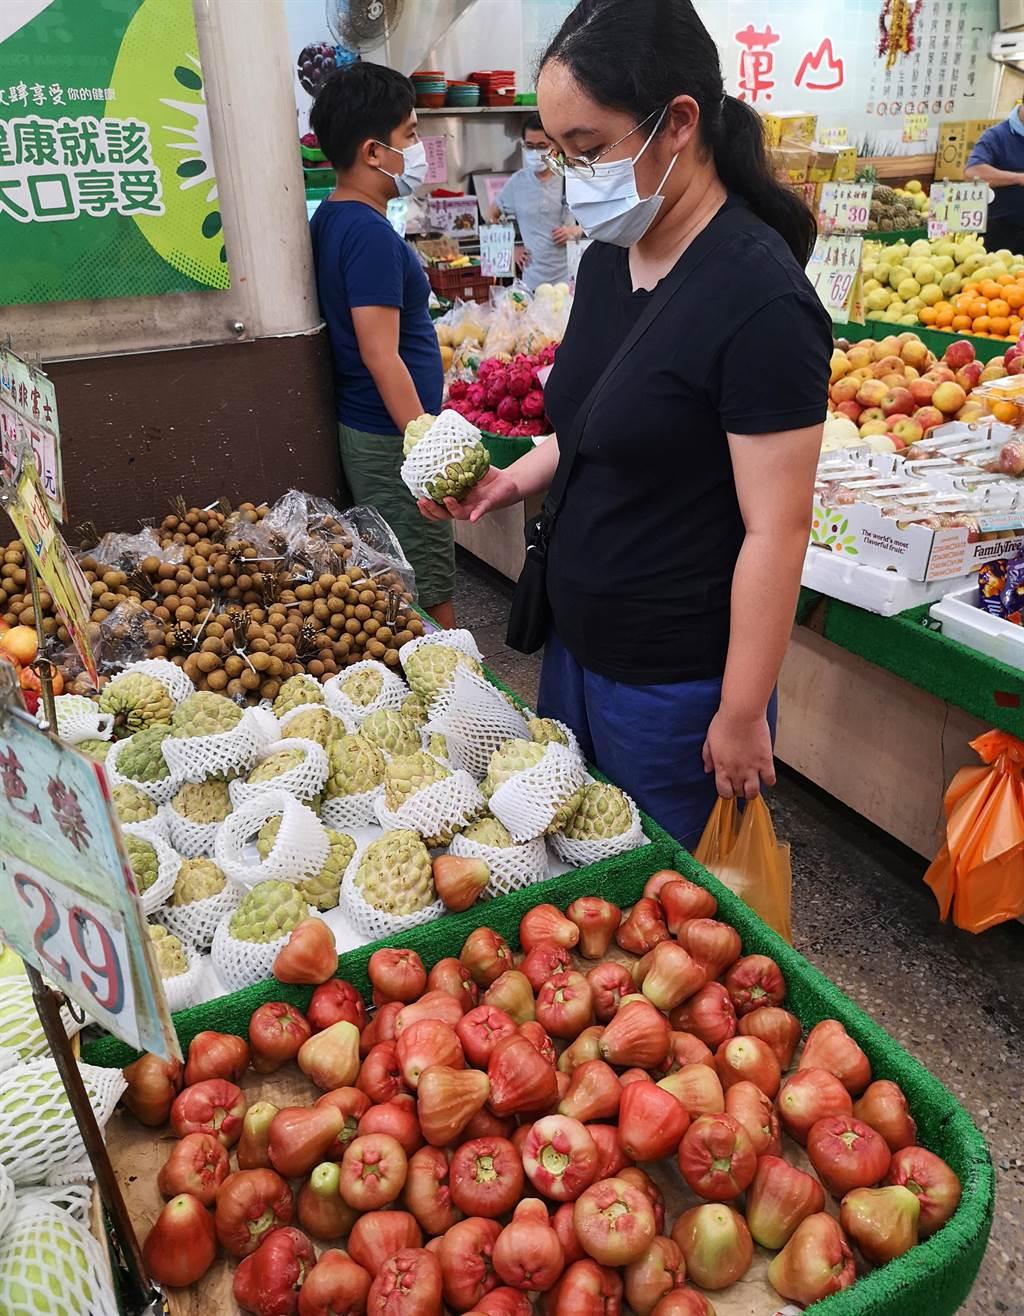 中國大陸海關發出公告,宣稱今年多次在台灣進口的釋迦、蓮霧中驗出有害的「大洋臀紋粉蚧」,20日起暫時輸入中國大陸。以2019年為例,釋迦、蓮霧和鳳梨出口到大陸總金額將近40億,若大陸確定之後都不再進口這些水果,代表台灣每年會損失超過近40億產值。20日民眾在坊間水果行選購釋迦及蓮霧。(陳君瑋攝)